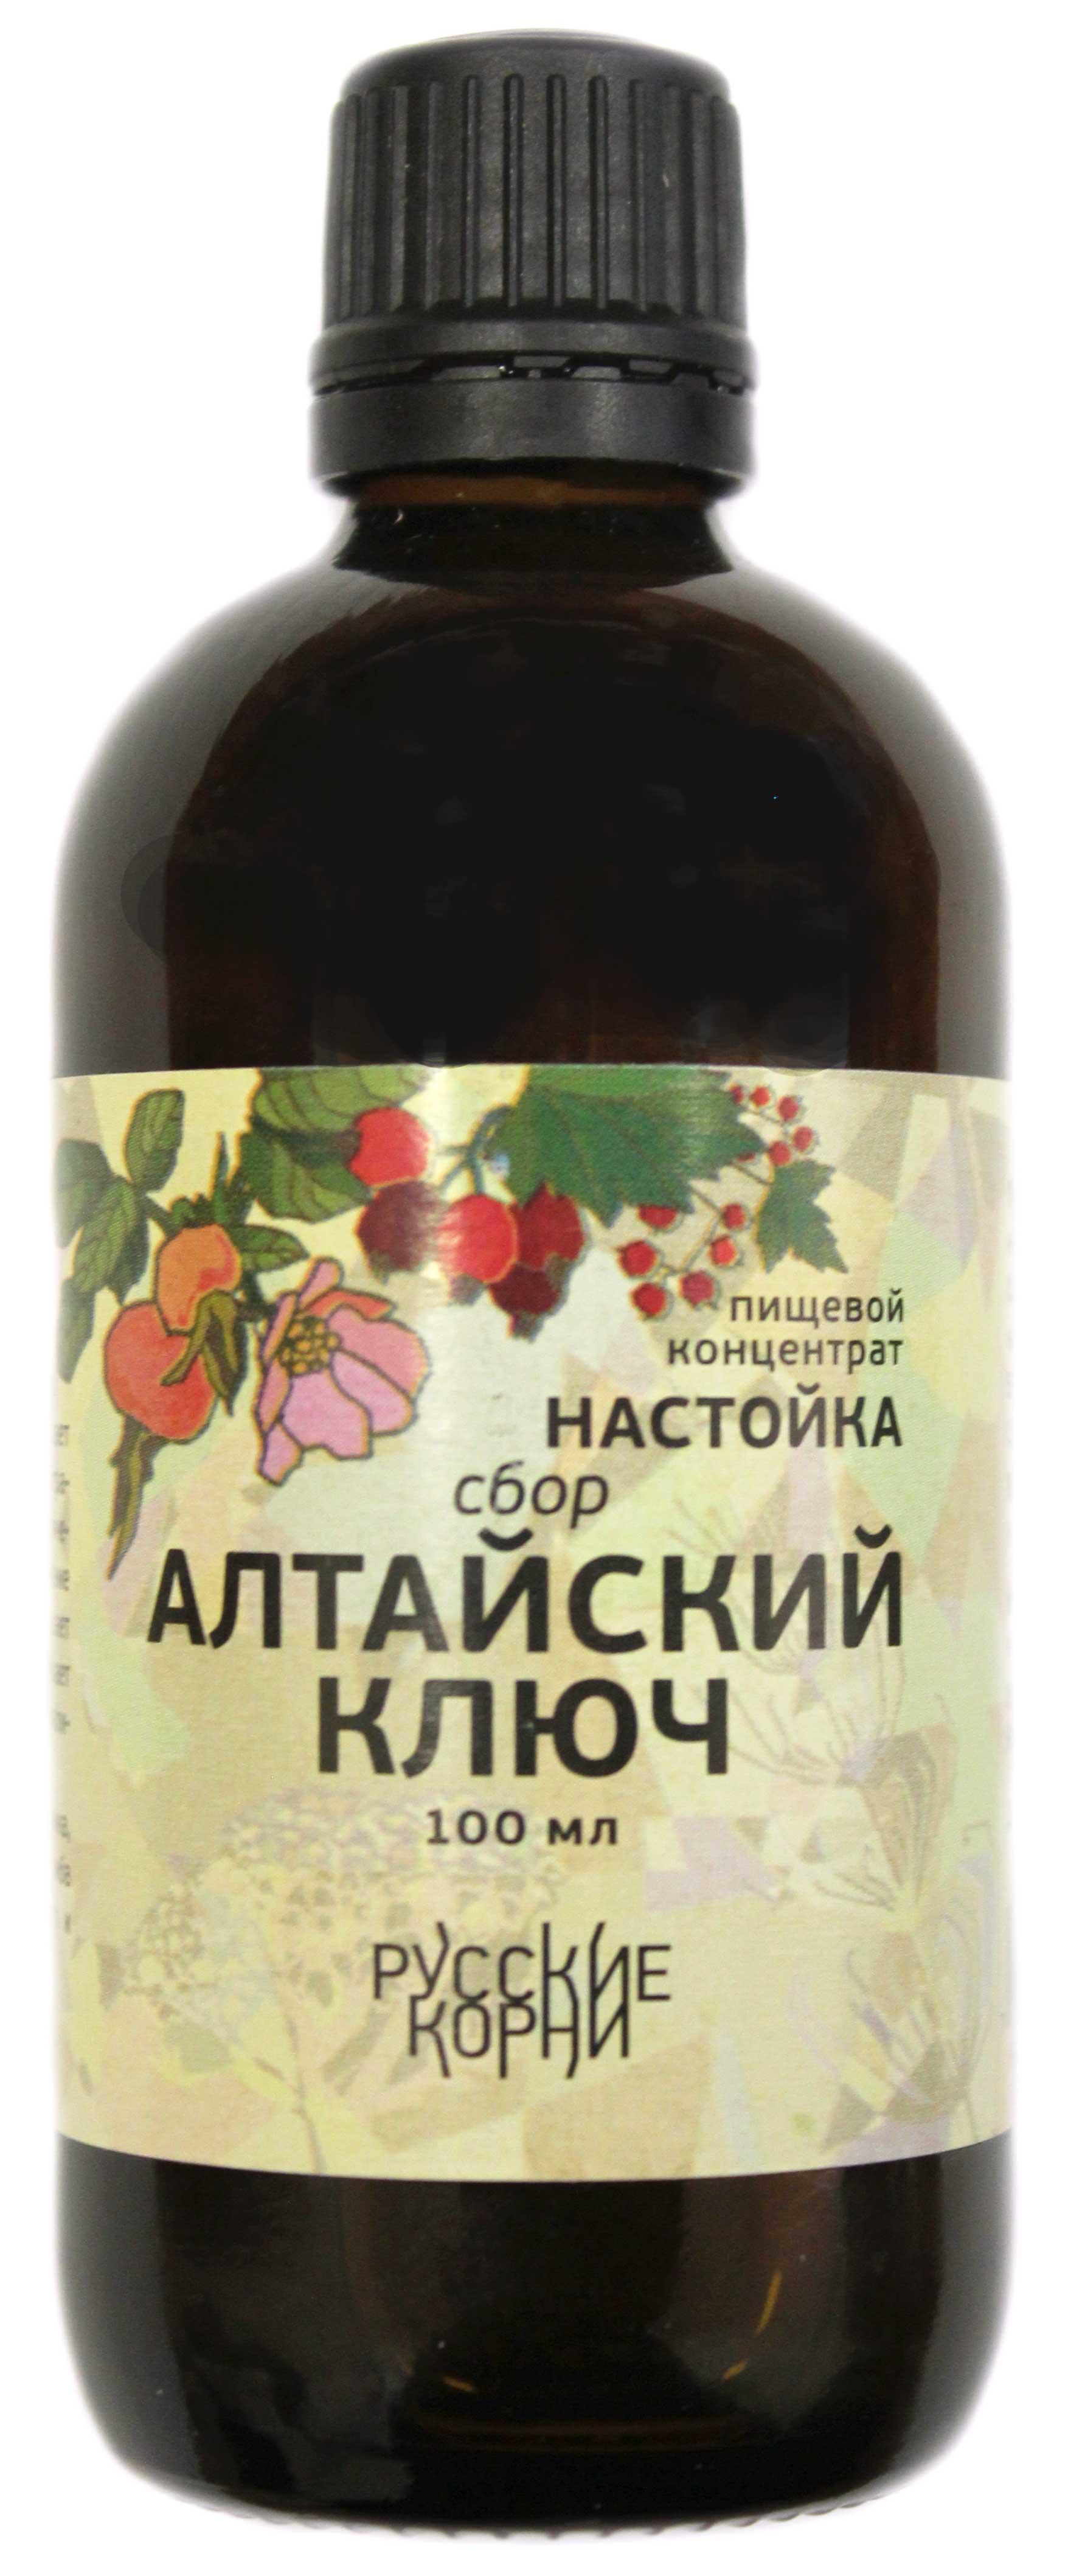 Настойка Сбор Алтайский ключ 100 мл. РК